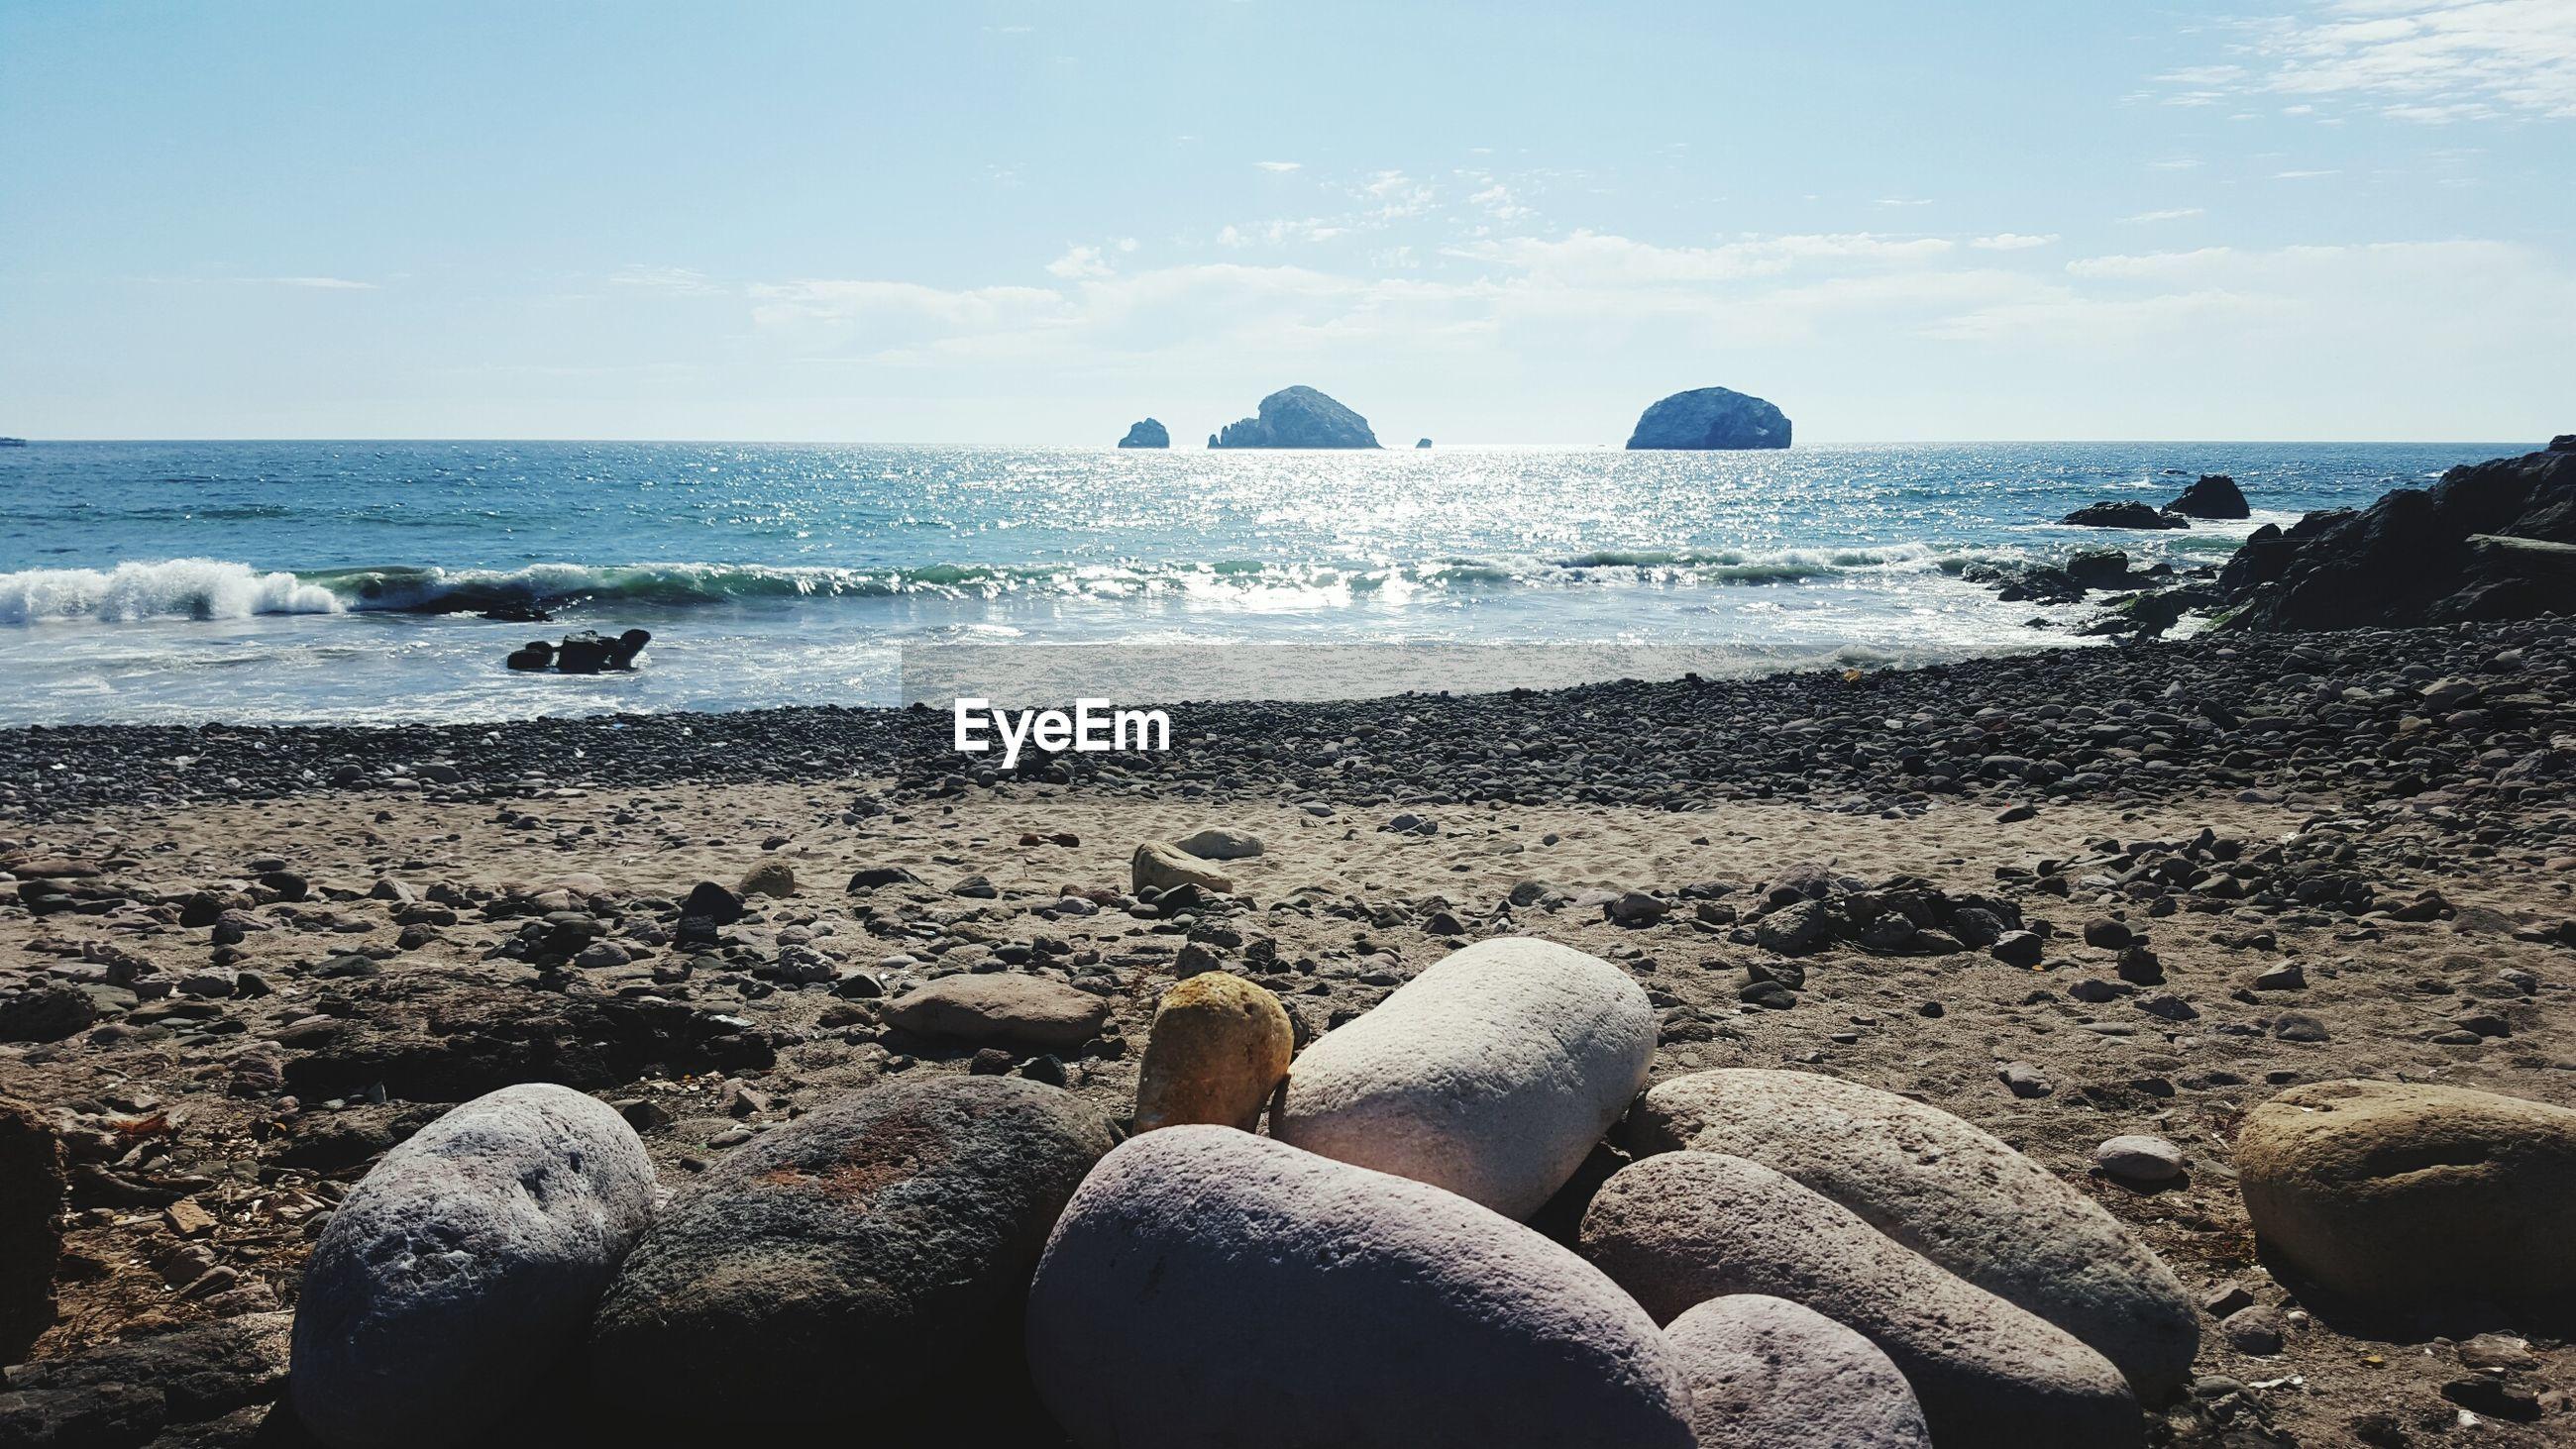 ROCKS AT BEACH AGAINST SKY